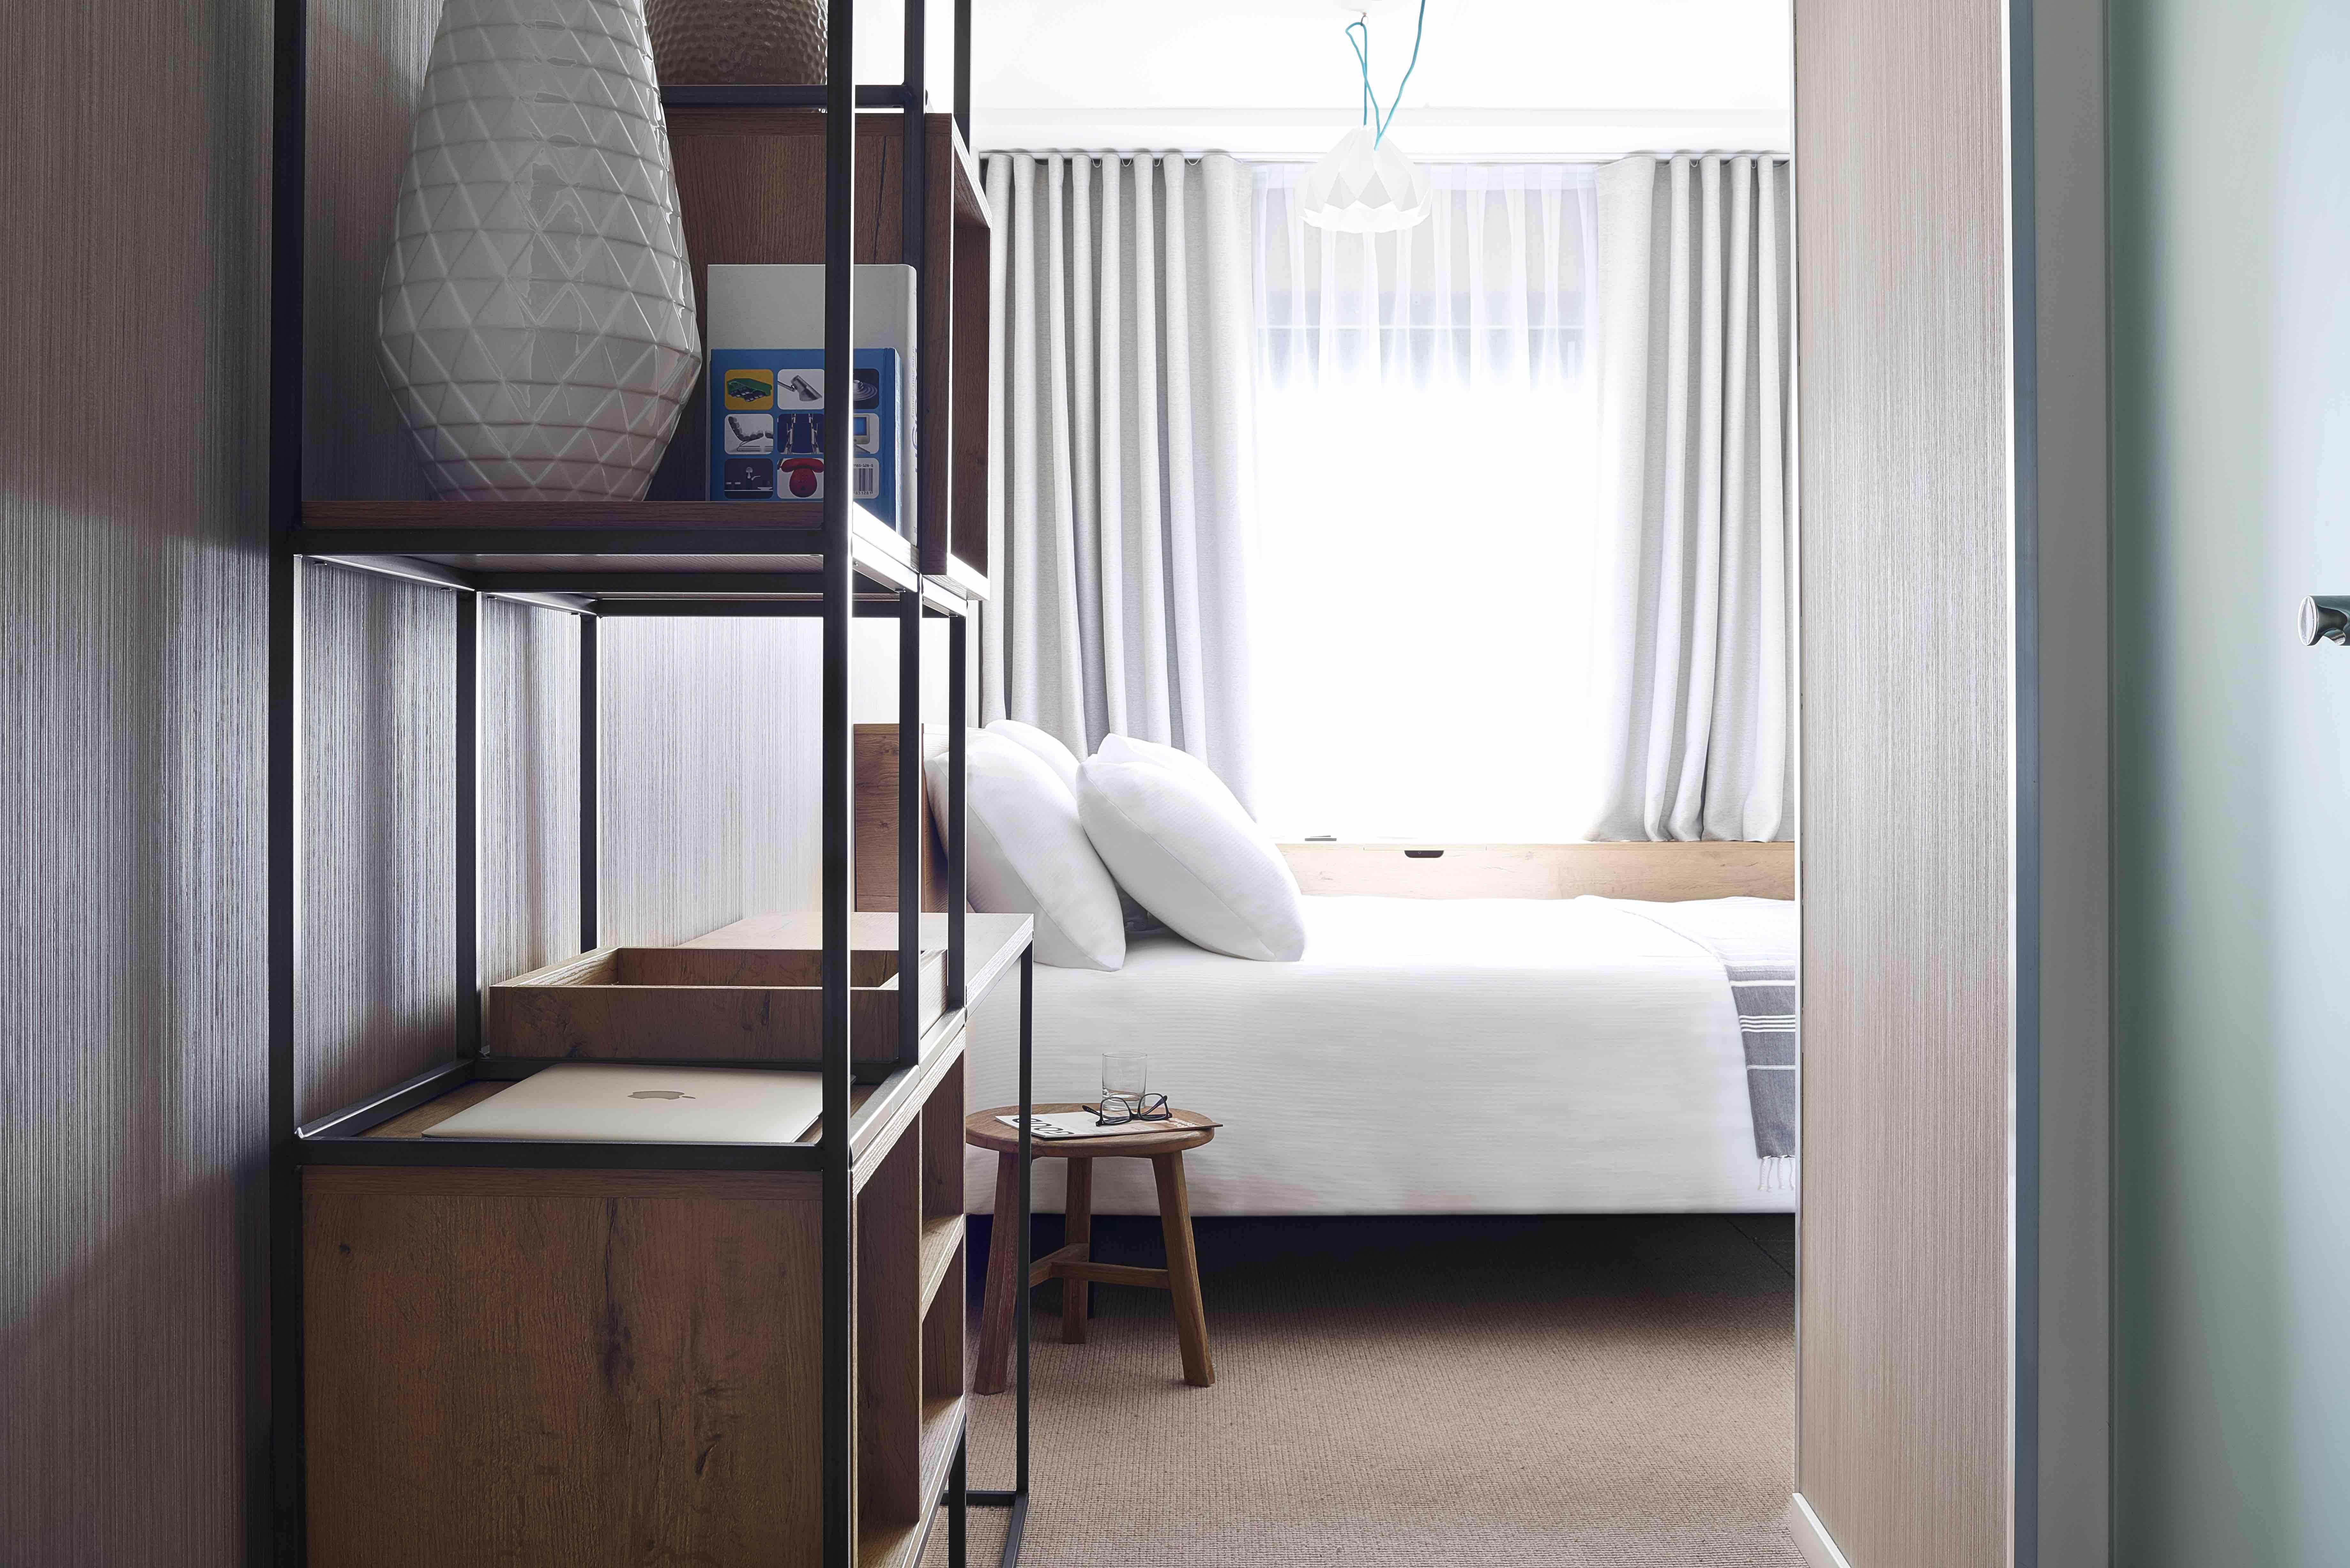 Good hotel bedroom